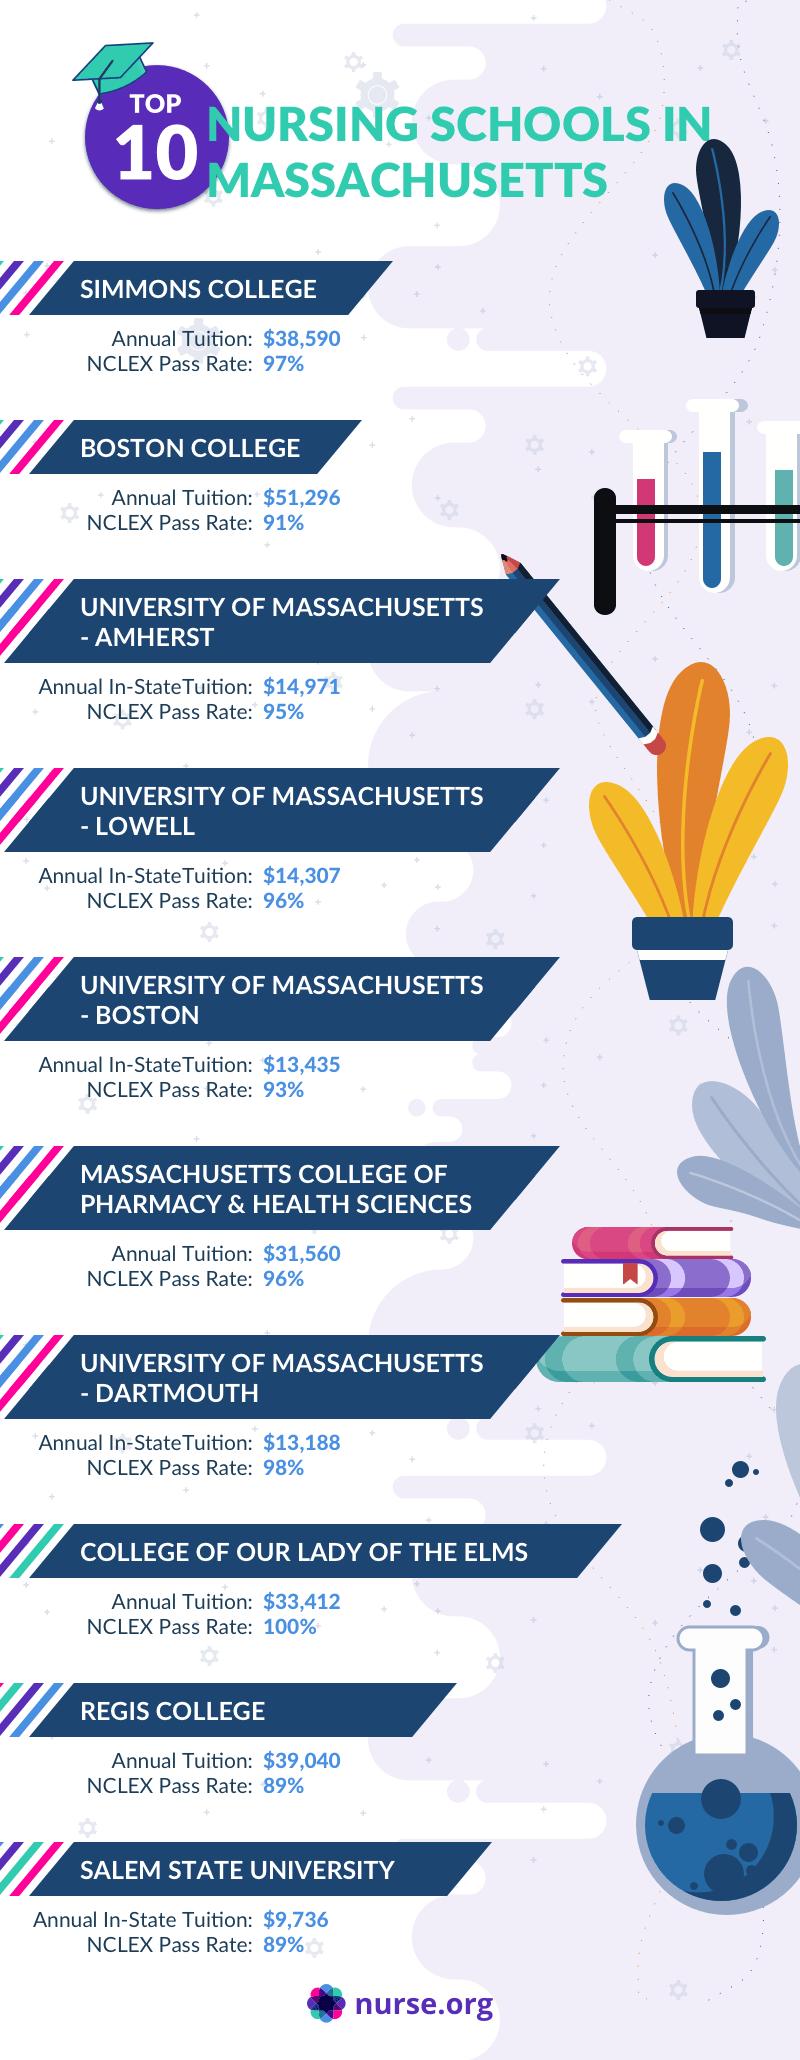 Infographic depicting best nursing schools in Massachusetts